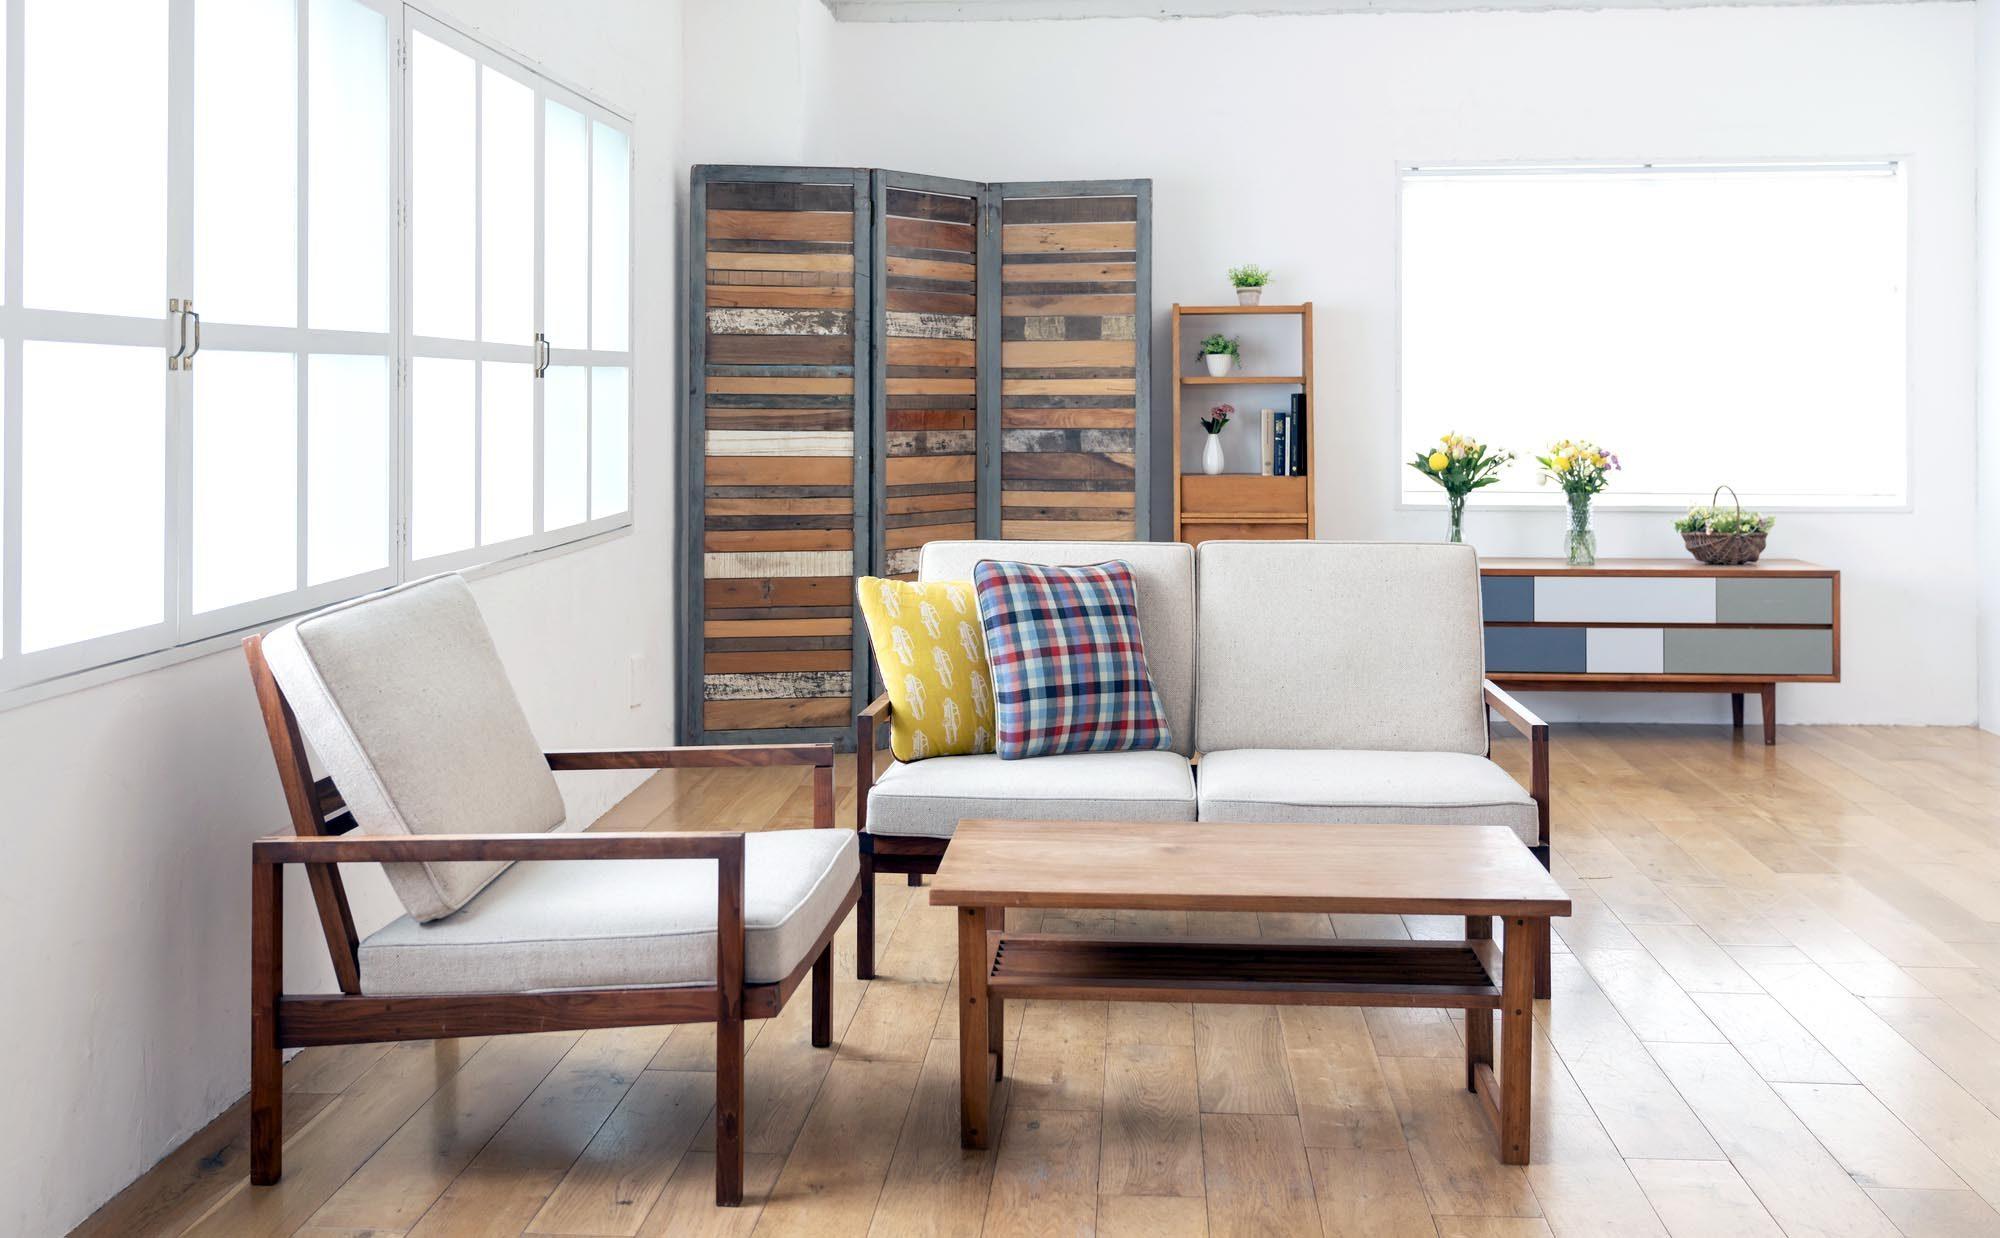 マンションで自然素材のインテリアを楽しもう、無垢家具のある暮らし